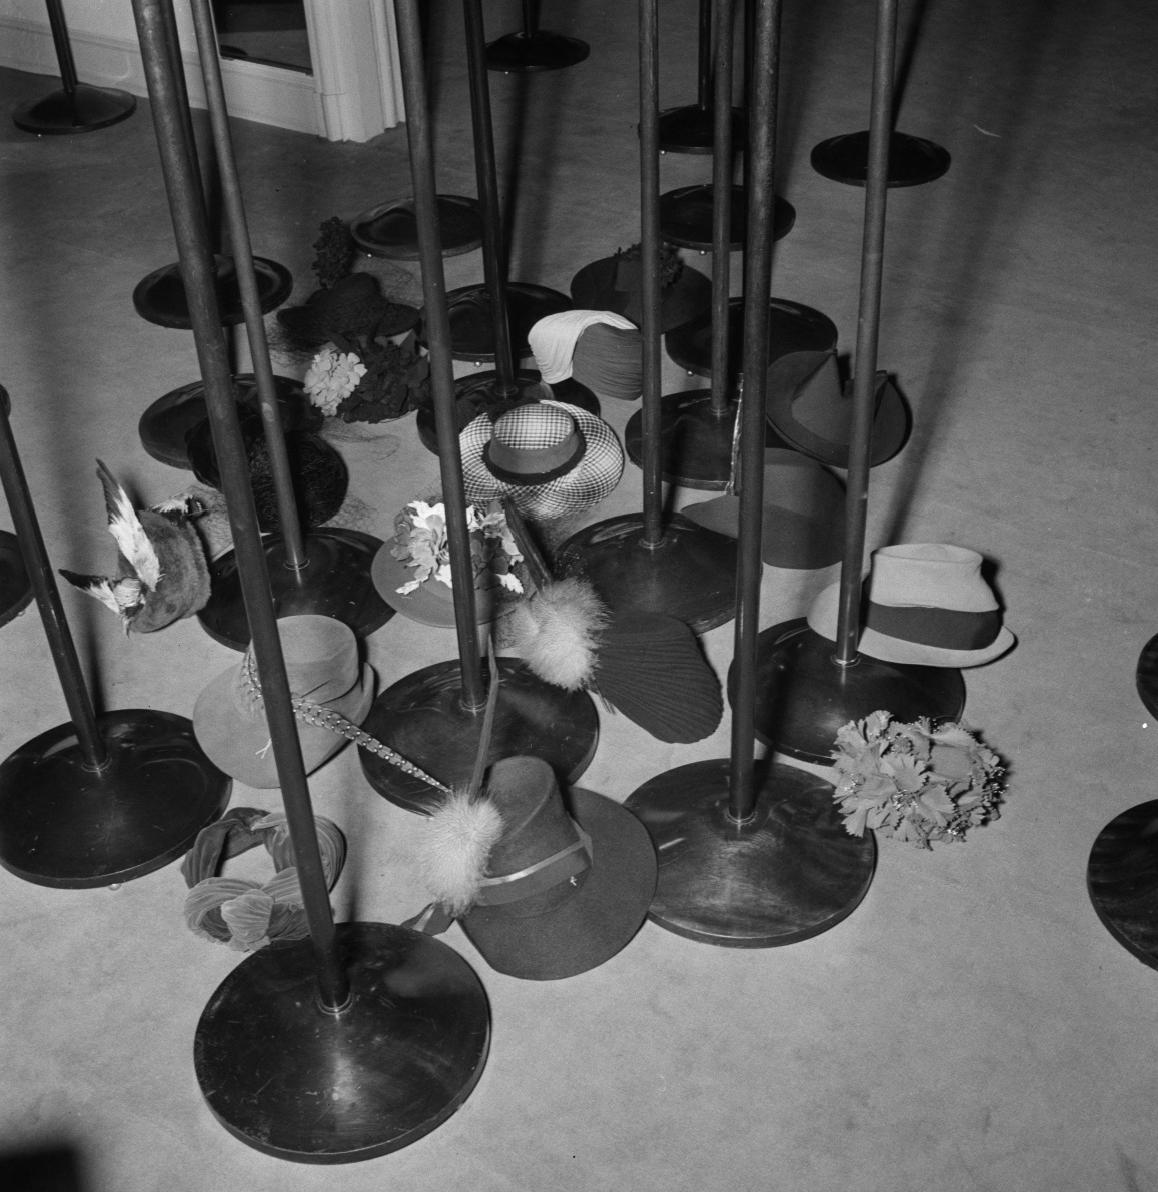 23. Мари Альфонсин. Елисейские поля, 68. Различные шляпы